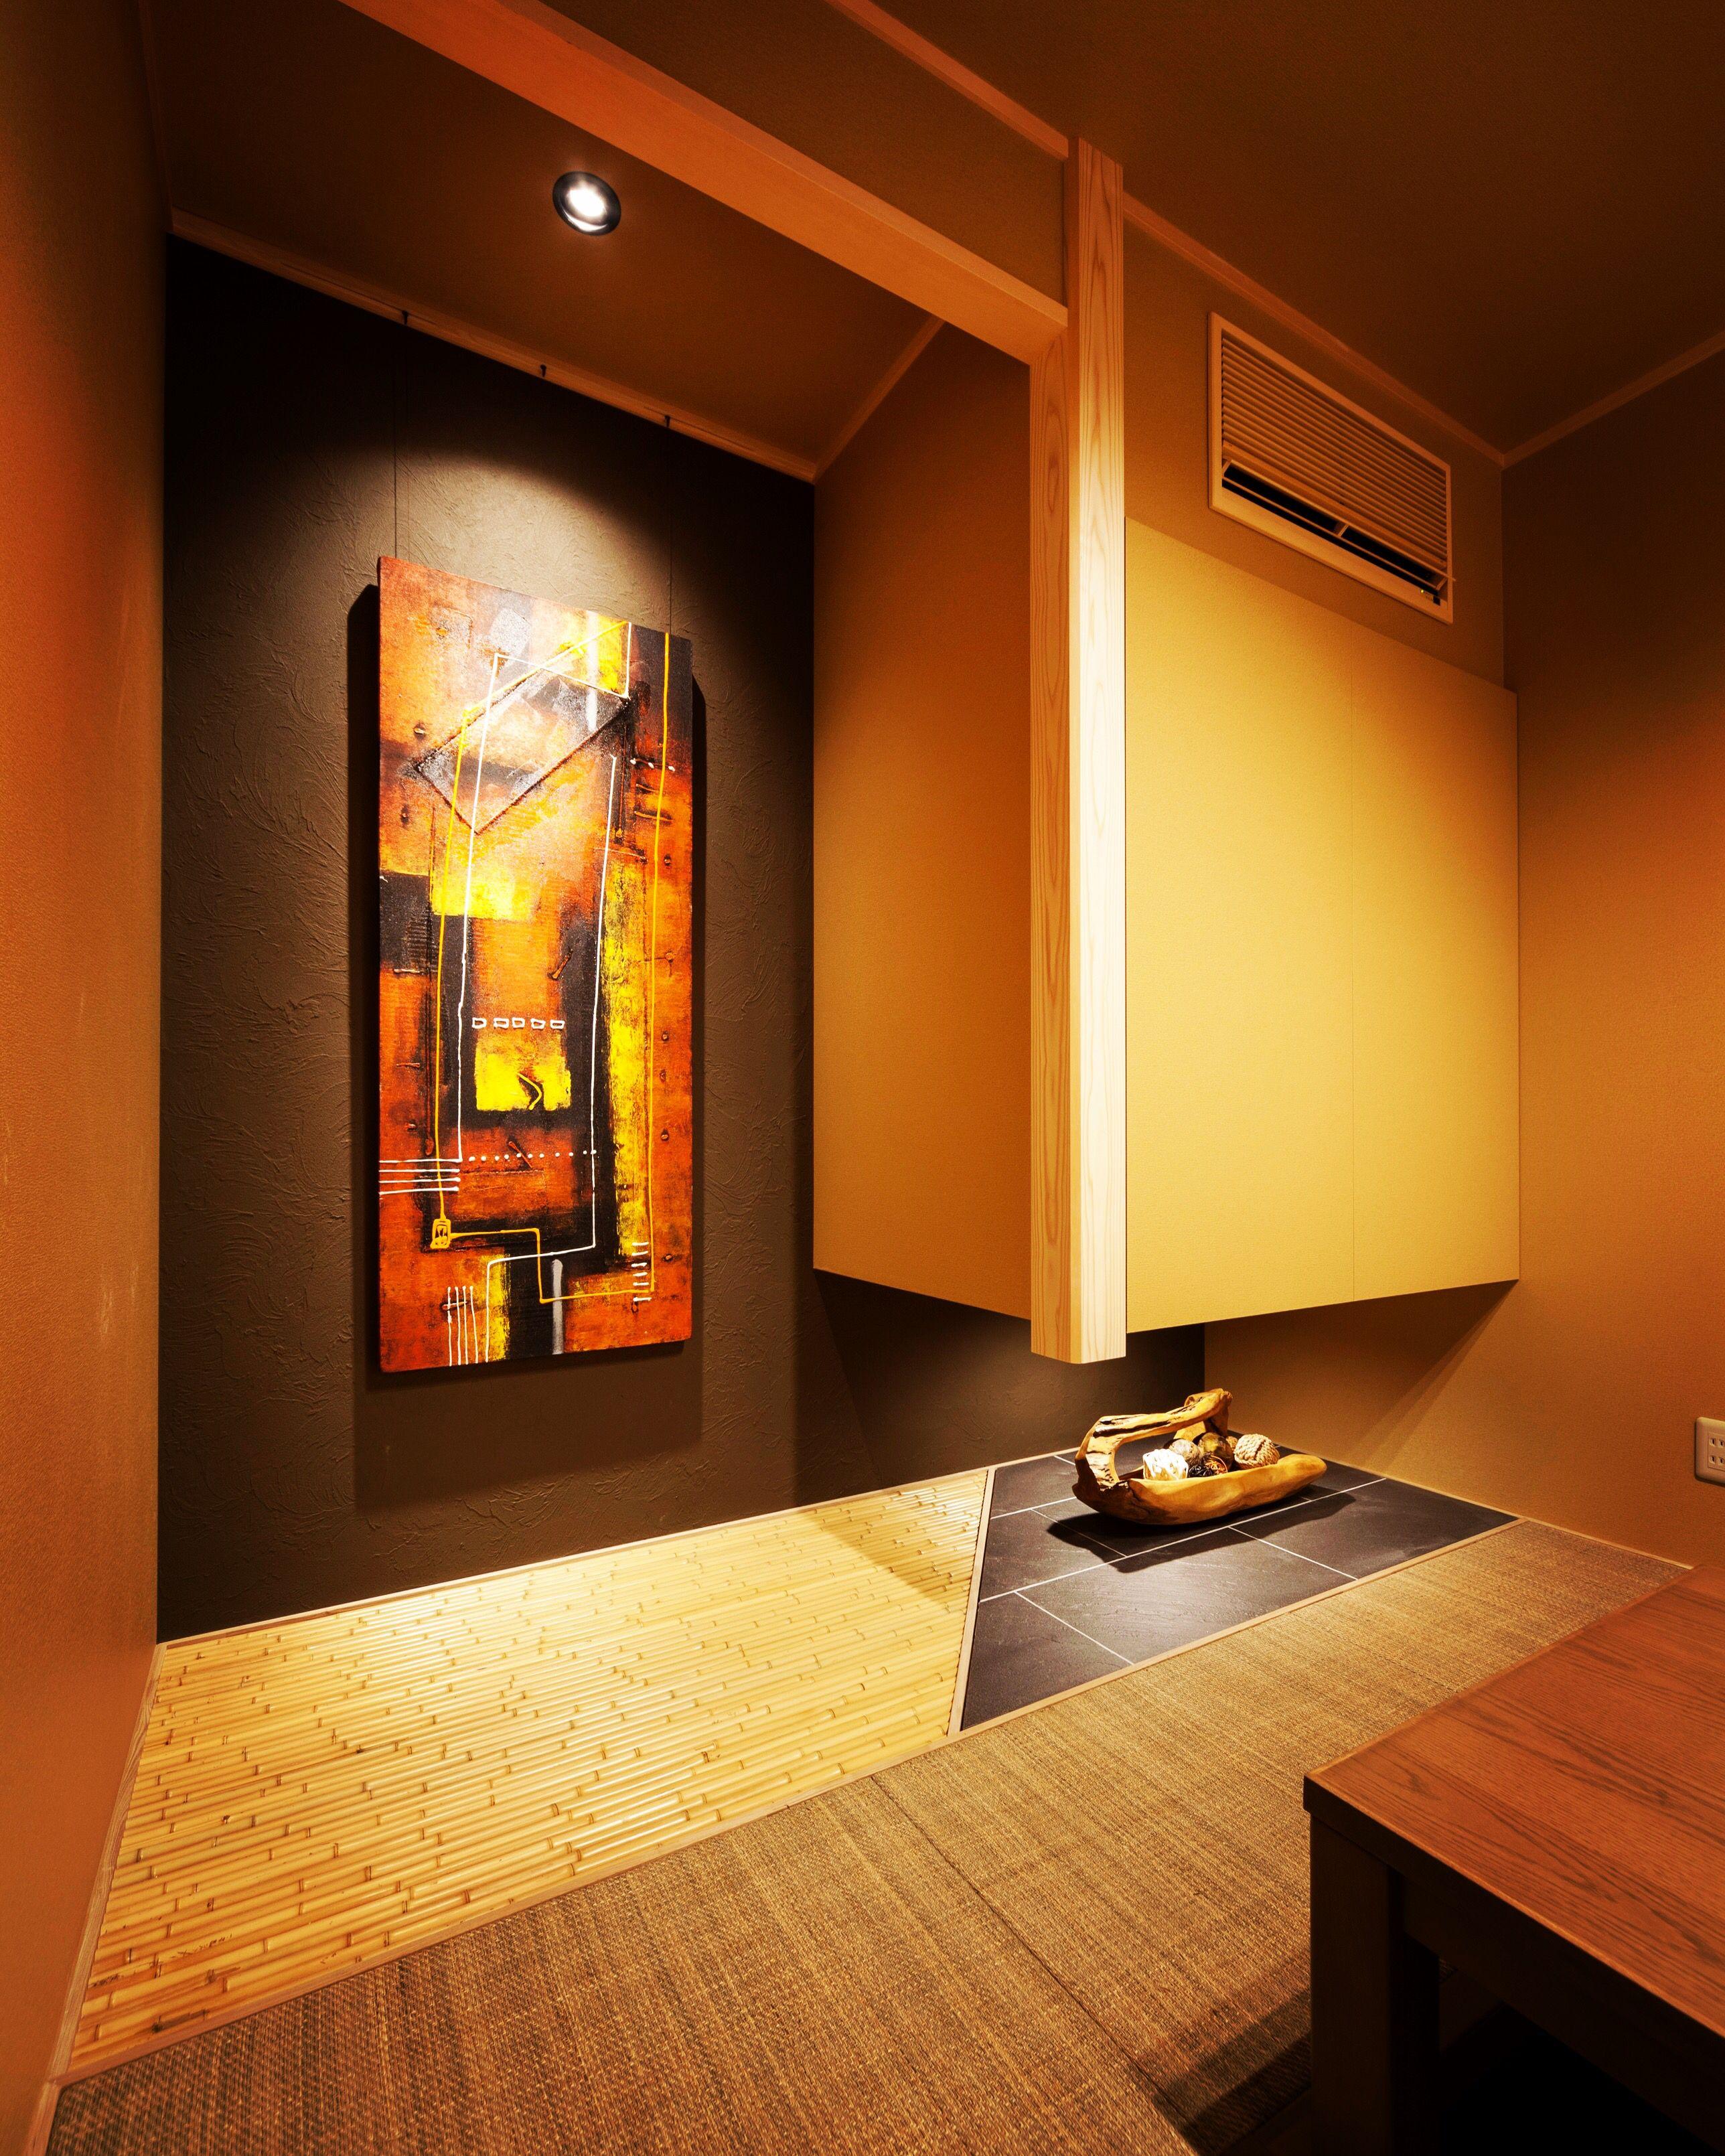 高級感のある和室 和室 キッチン 黒澤 工務店 新築 注文住宅